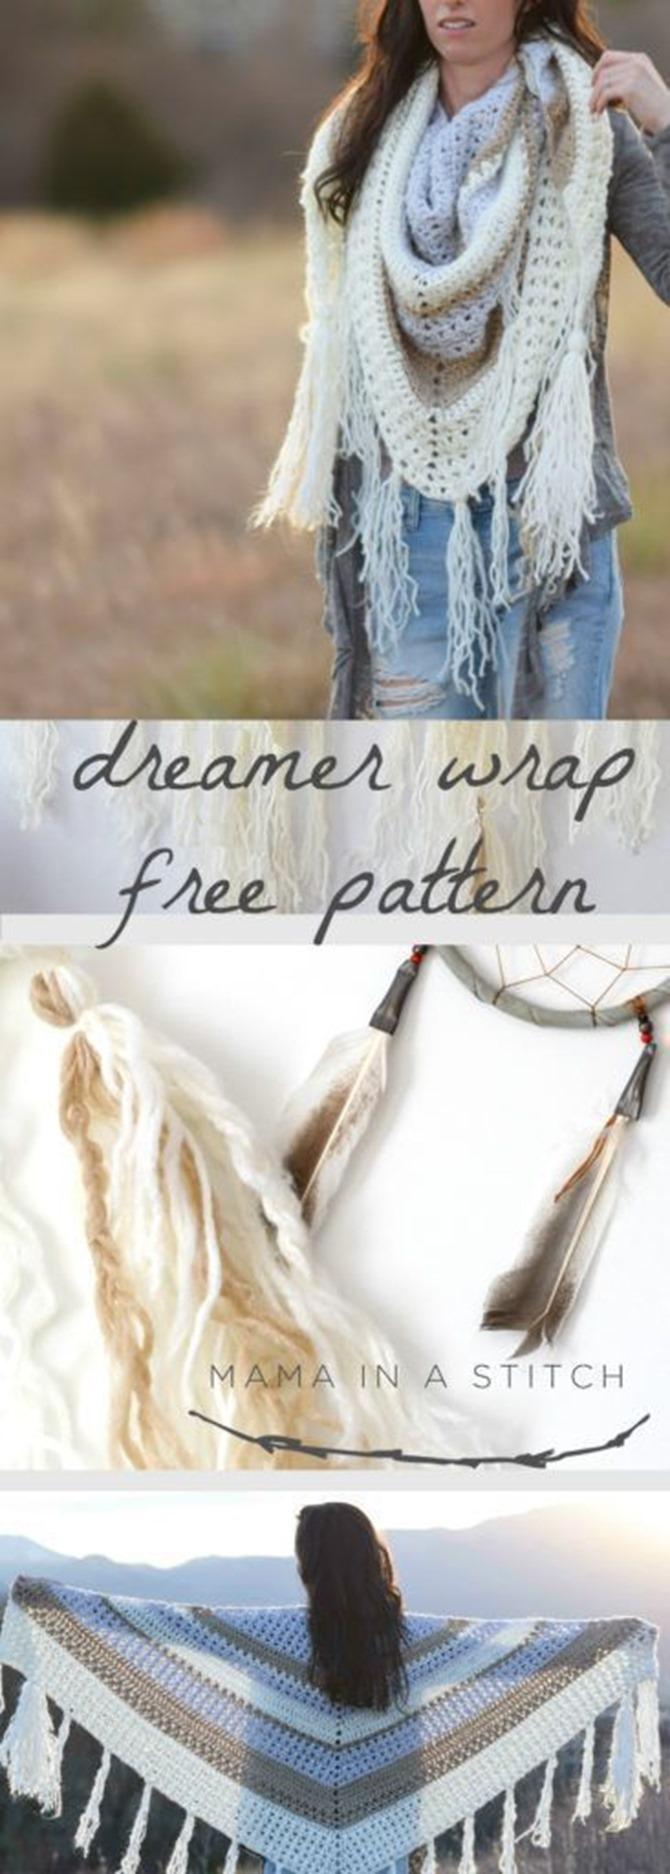 free crochet shawl pattern - dreamer